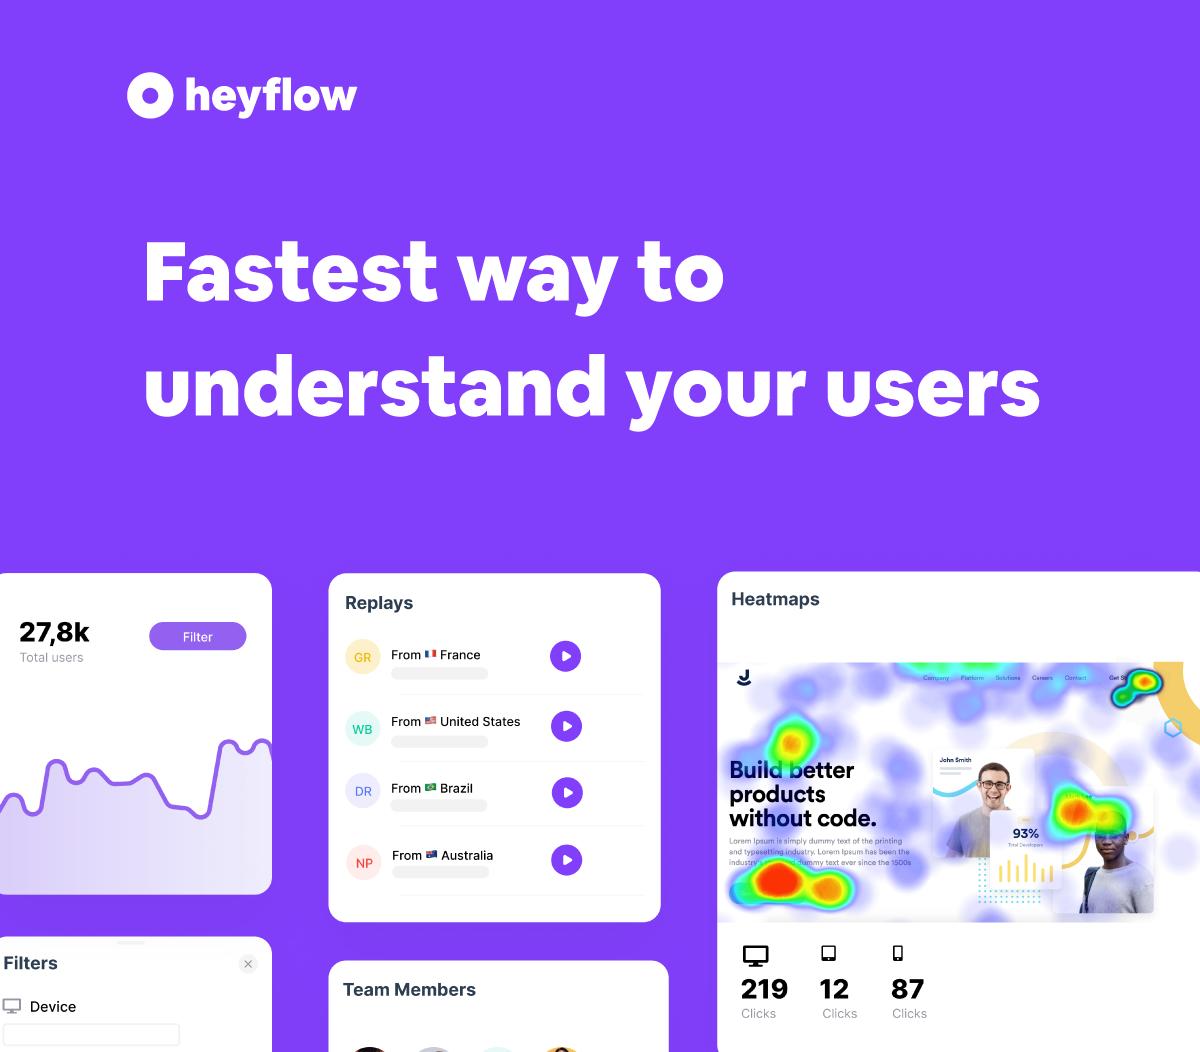 Heyflow